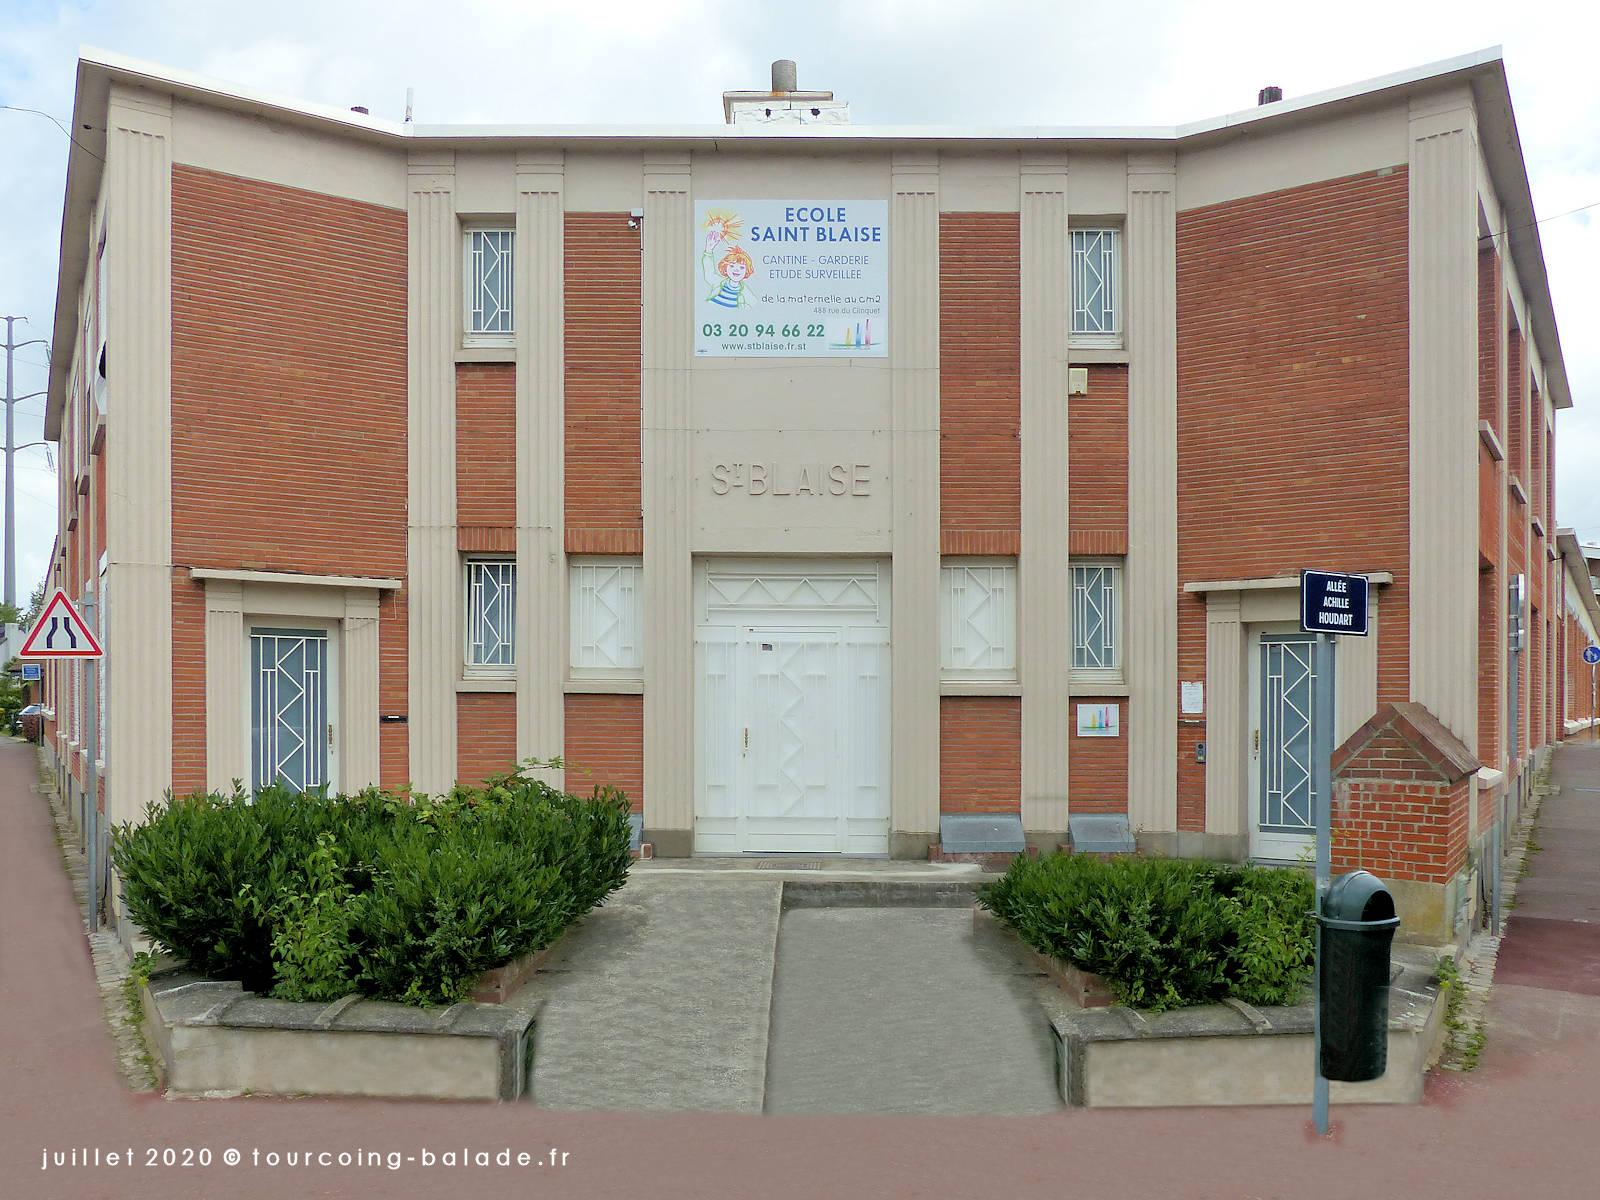 École Maternelle Saint Blaise, Tourcoing 2020